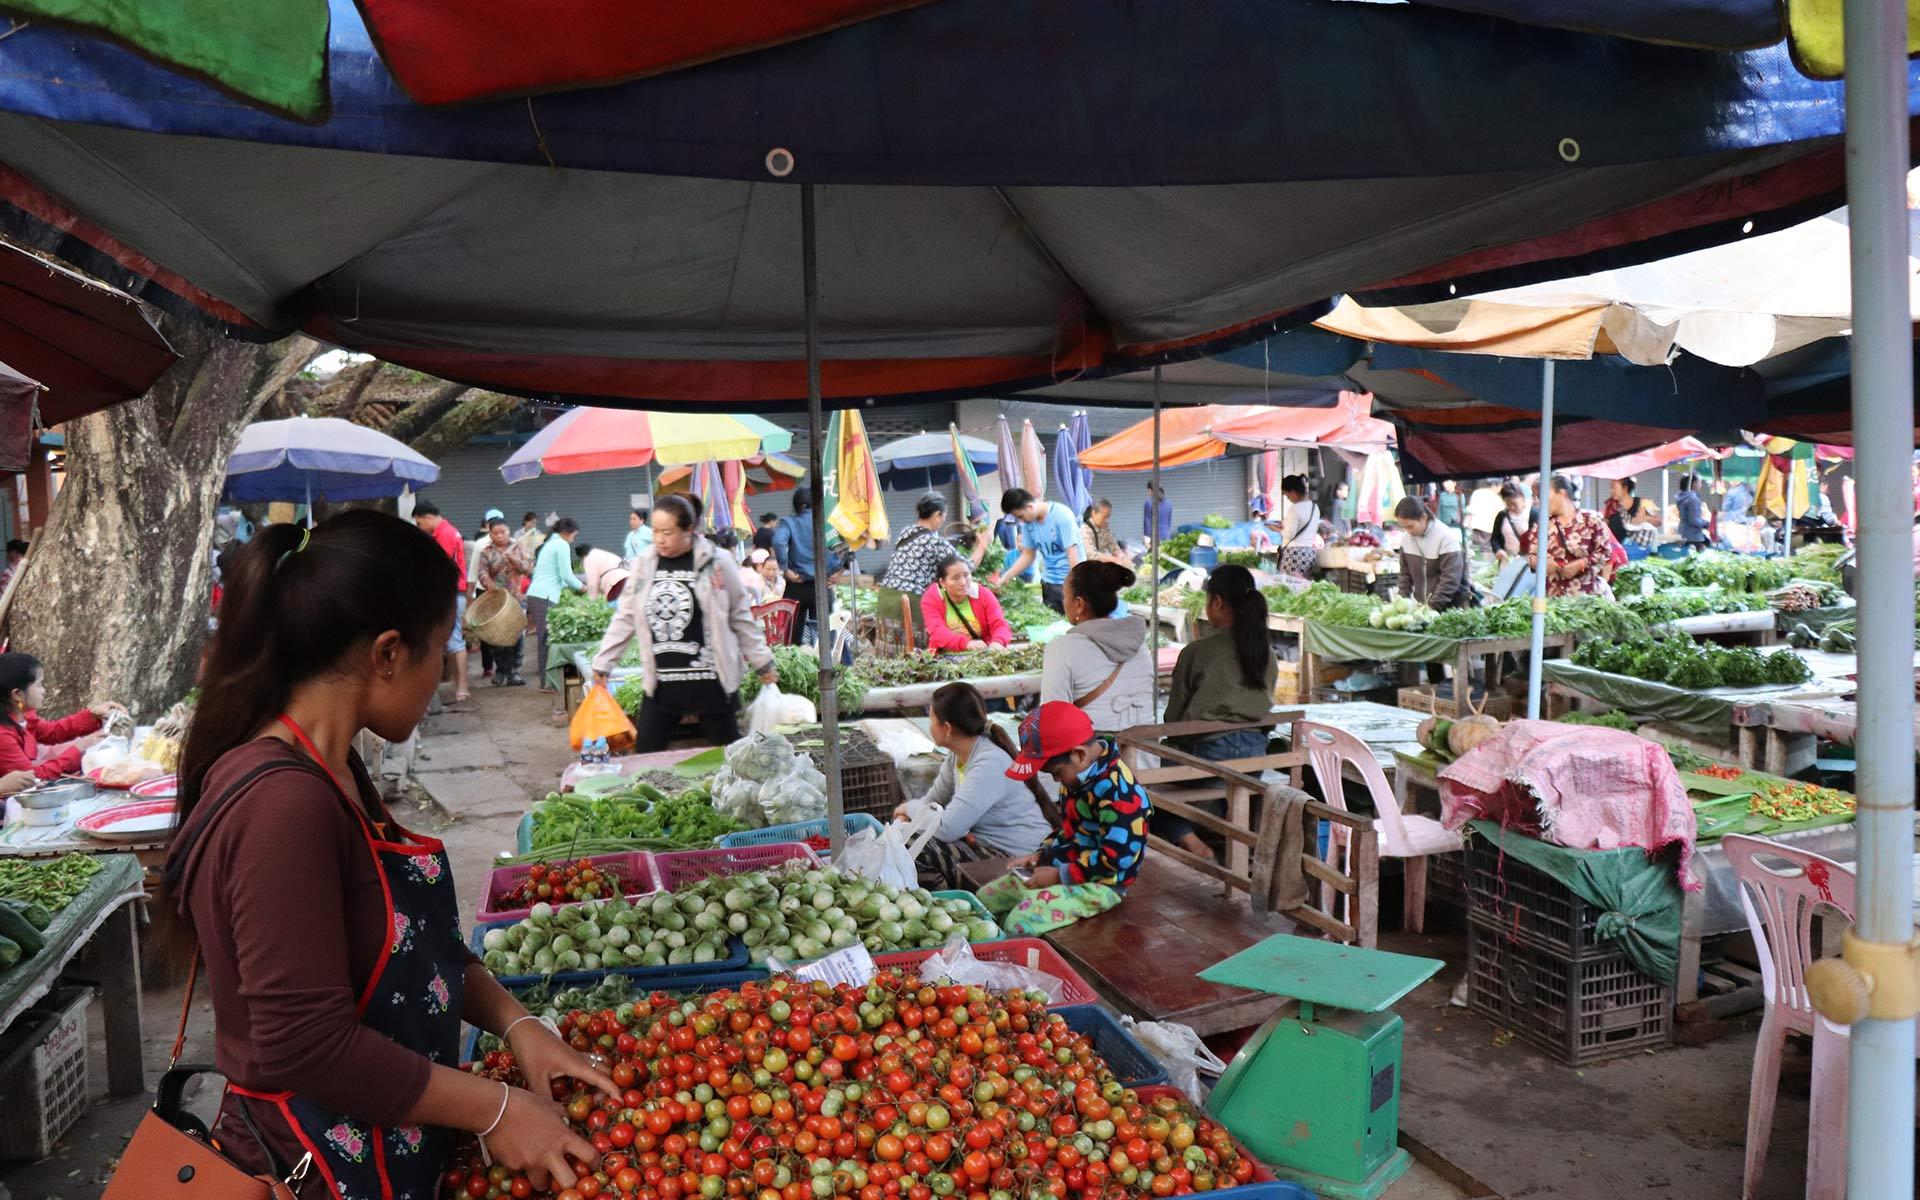 Morning Market in luang namtha laos